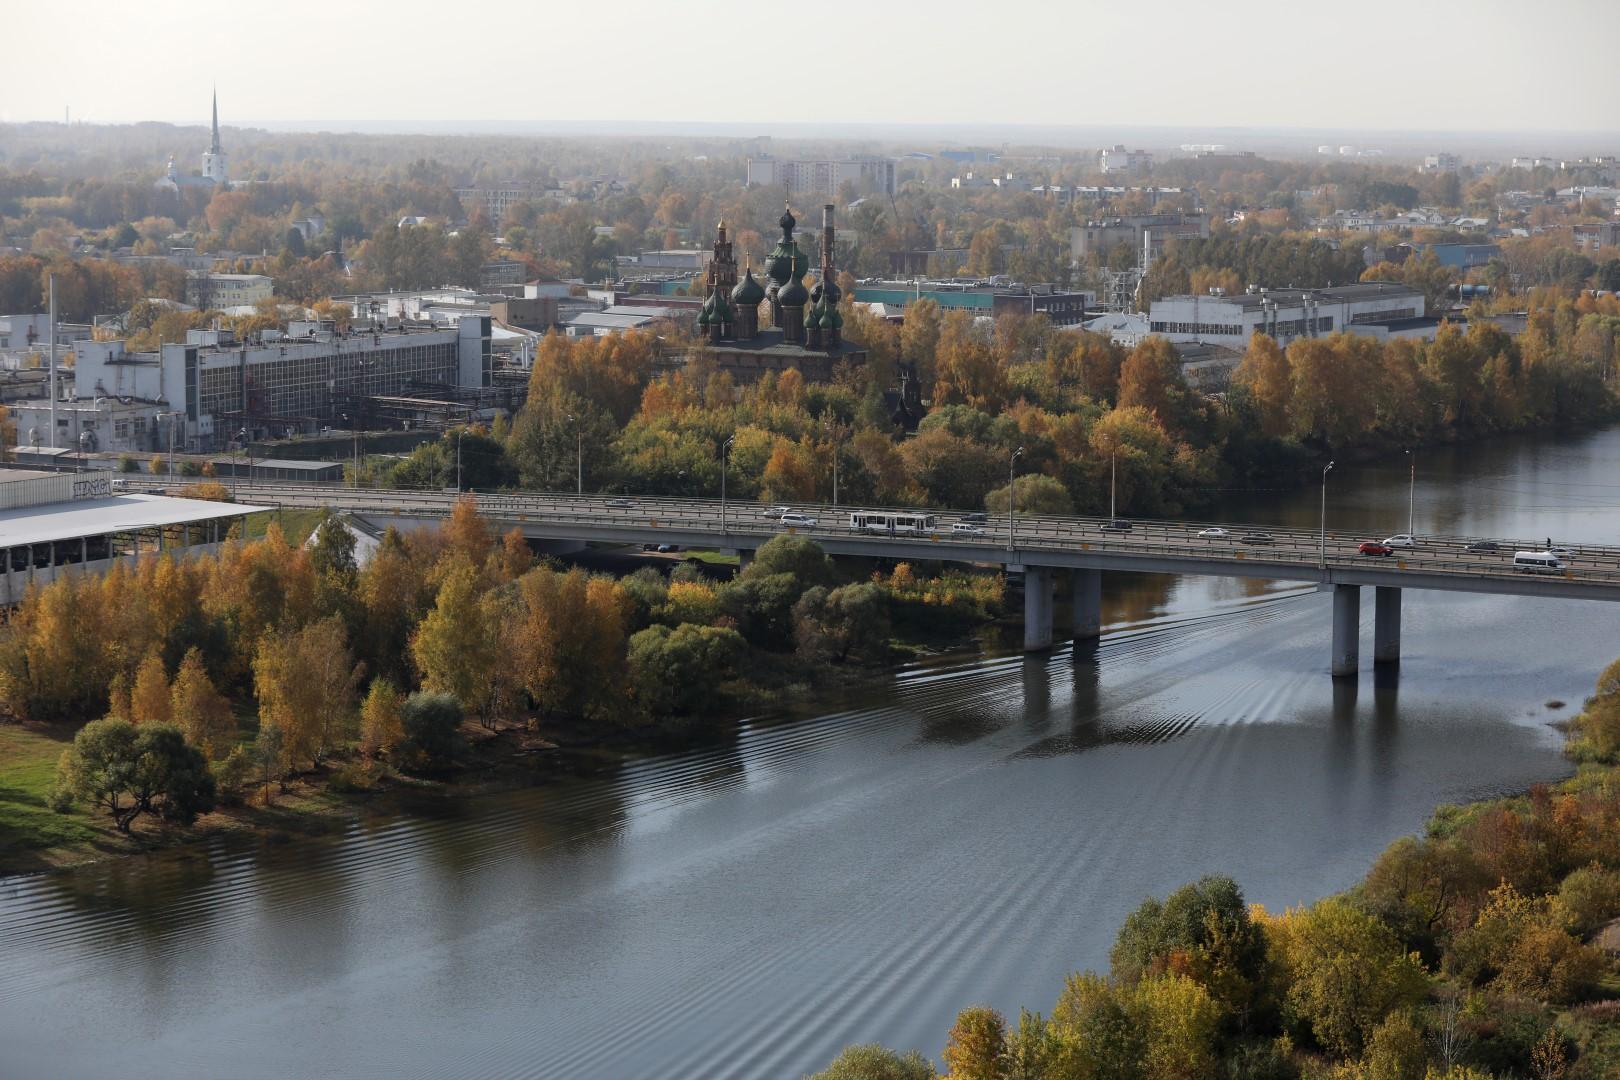 Ярославль вошел в число самых популярных железнодорожных направлений из Москвы и Санкт-Петербурга